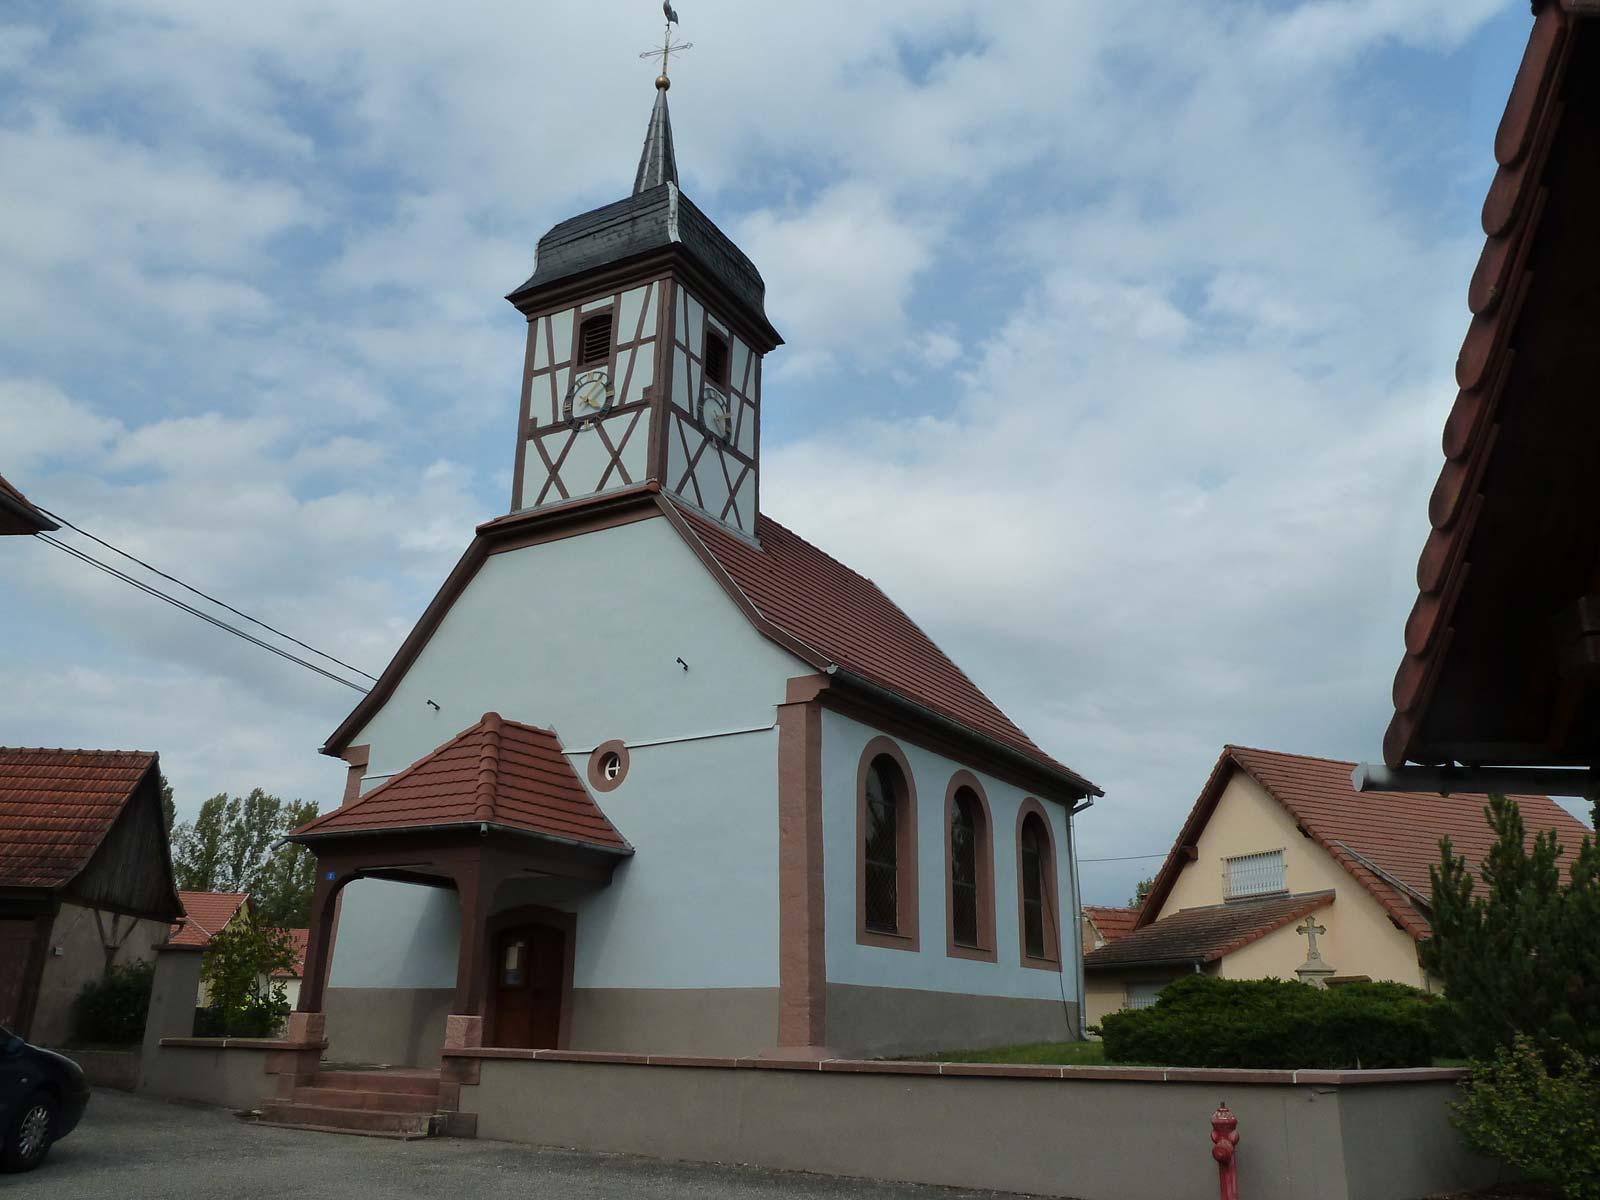 St jean baptiste church https www tourisme alsace com en 219002944 st jean baptiste church html